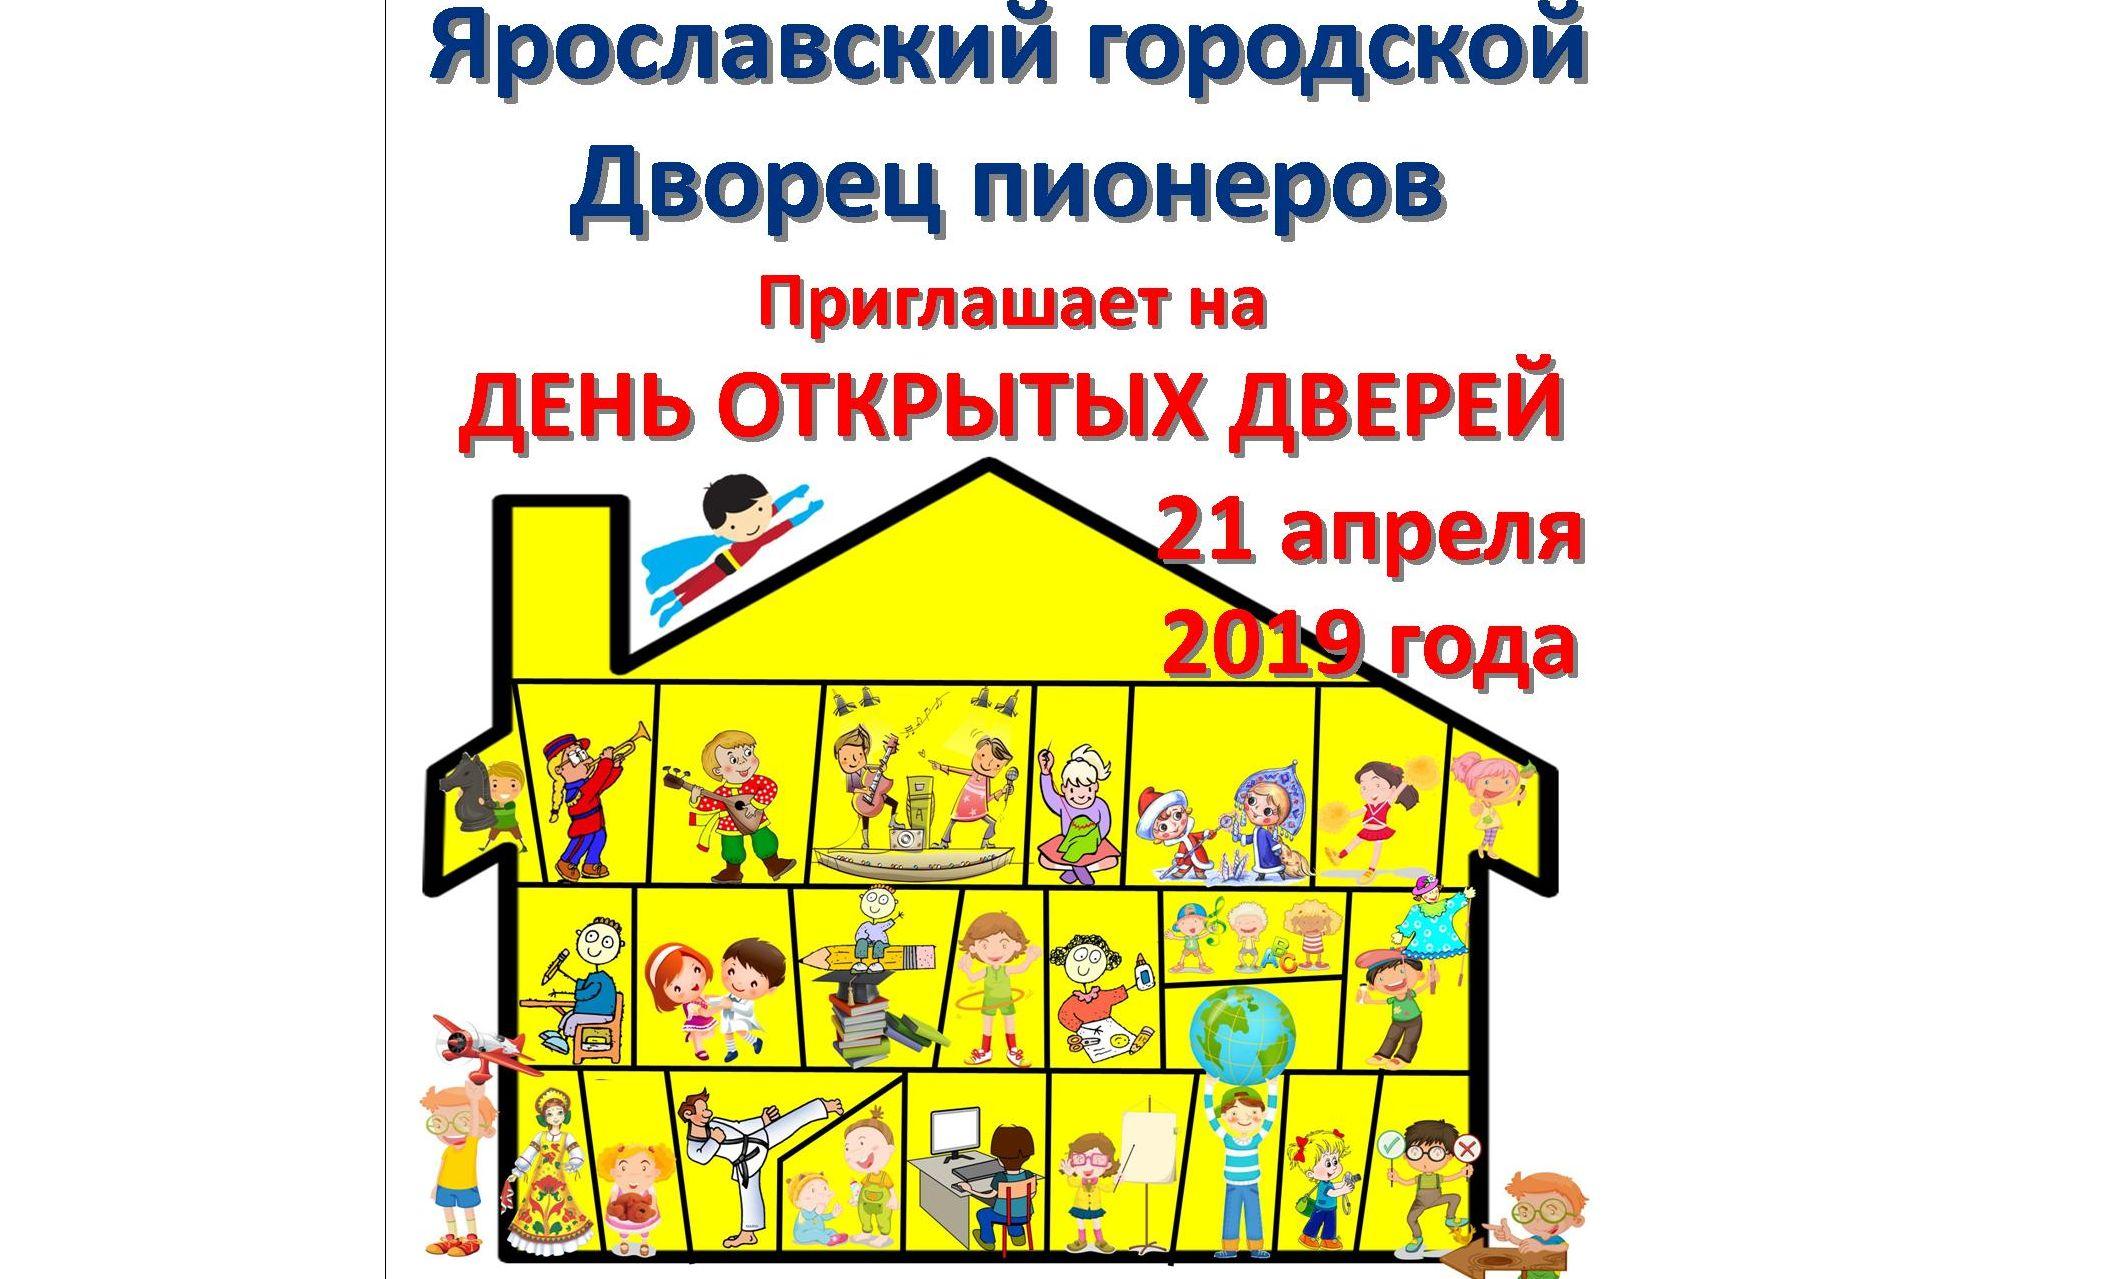 В Ярославском Дворце пионеров состоится день открытых дверей